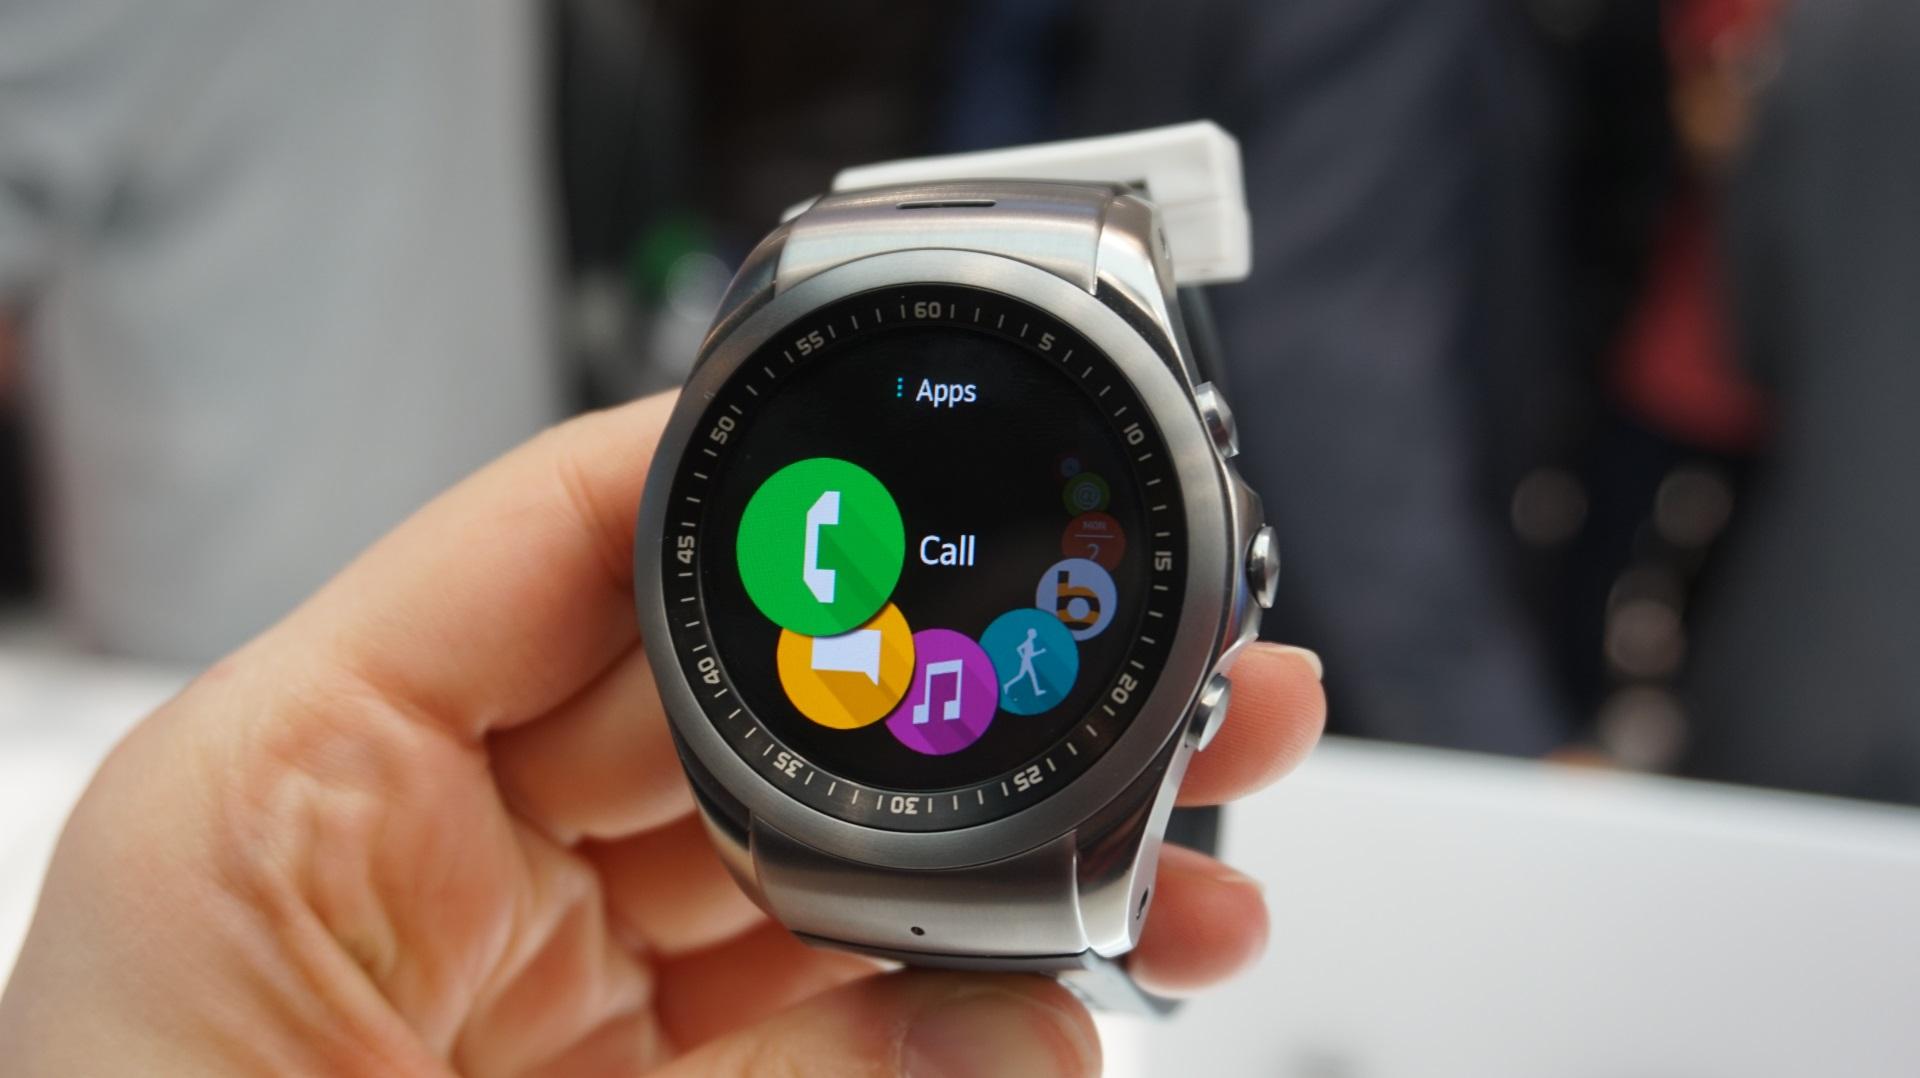 LG's new Urbane LTE smartwatch 2019